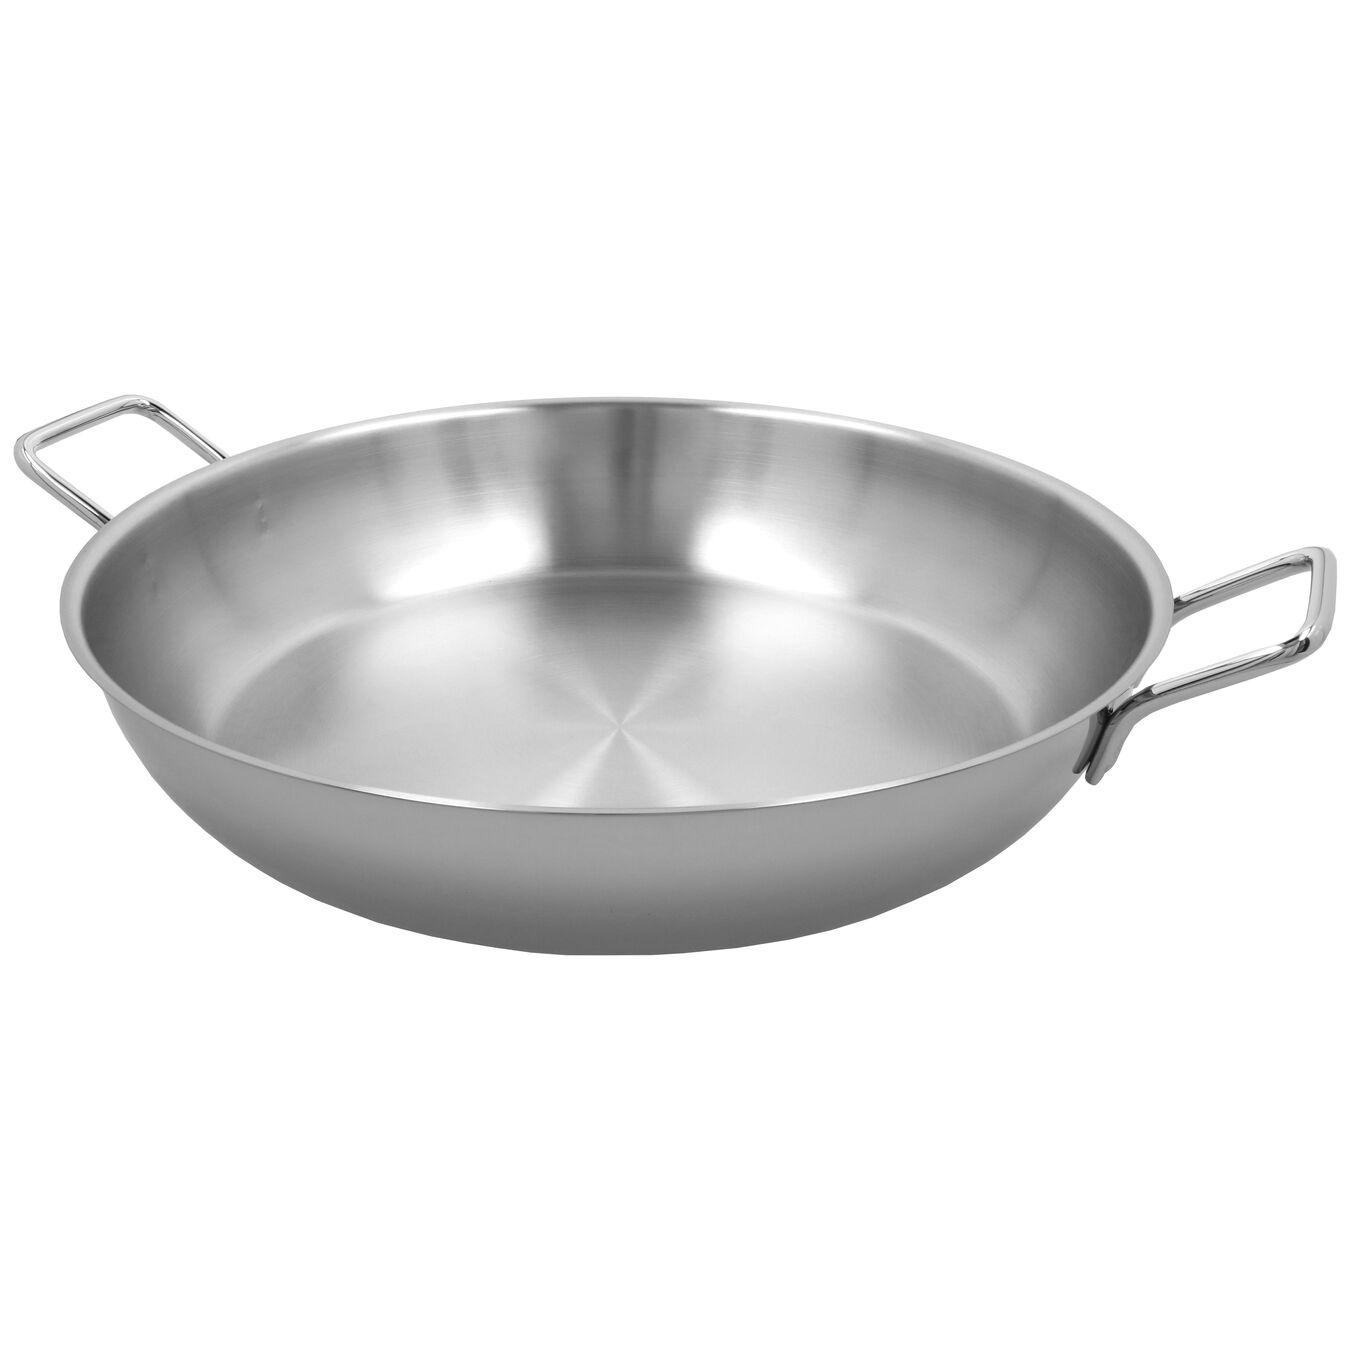 Paella Tavası Kapaksız | 18/10 Paslanmaz Çelik | 46 cm,,large 3